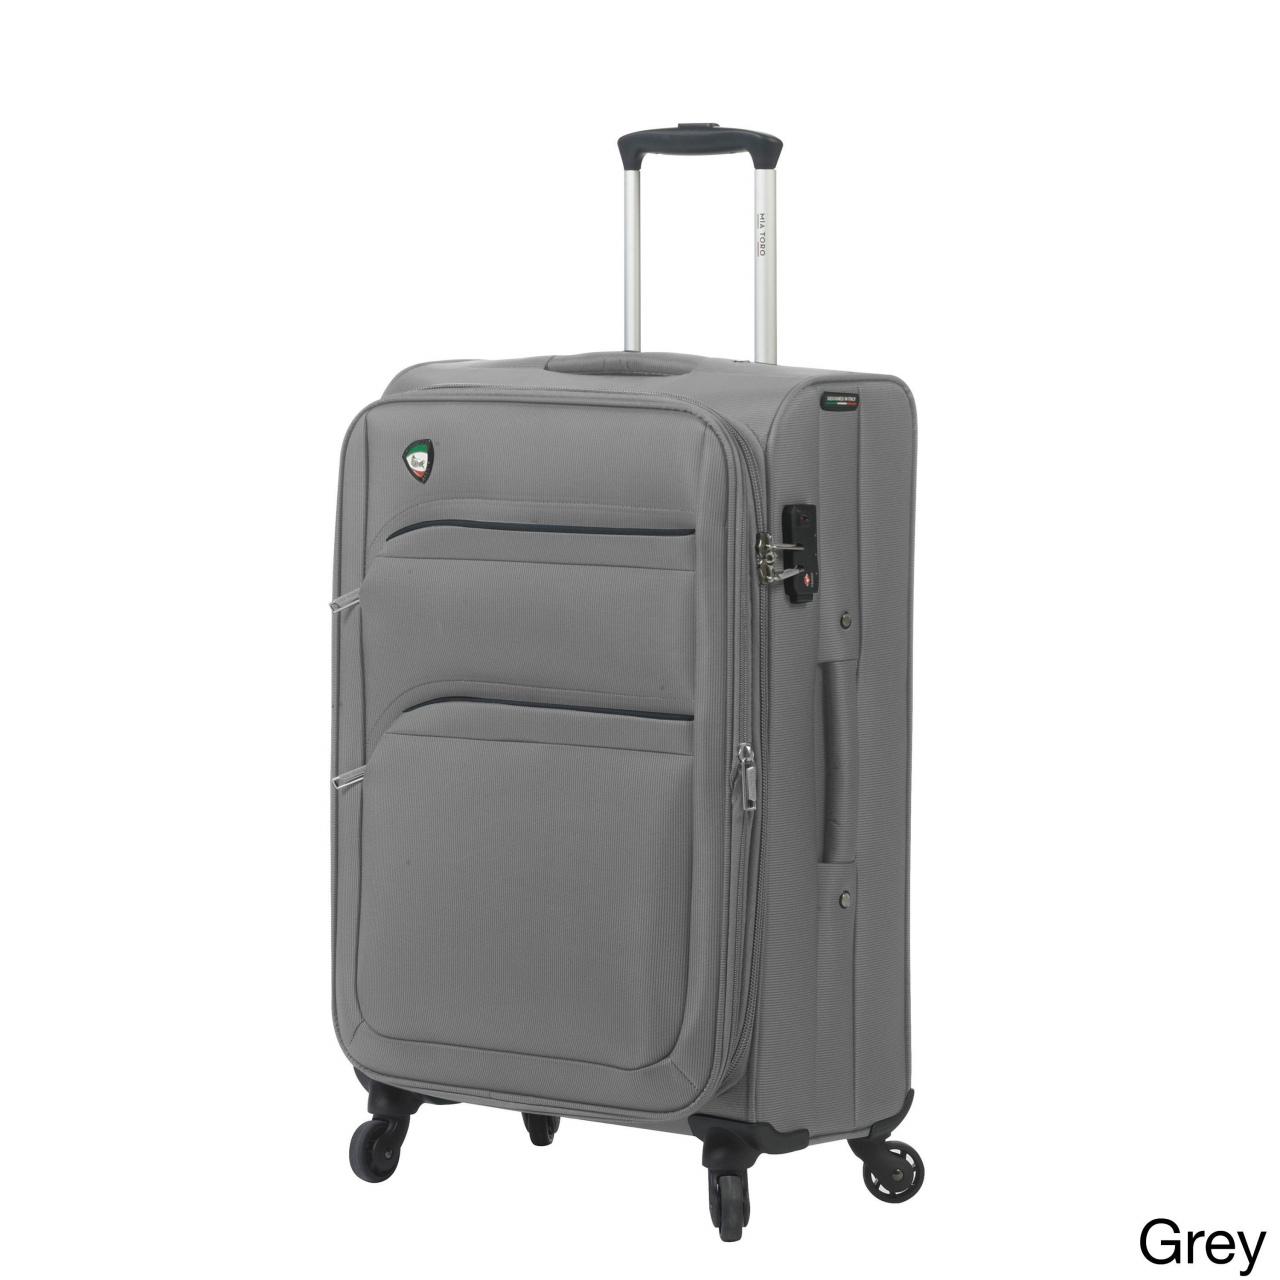 kleiner koffer deko mia toro italy alagna 28 inch expandable spinner upright suitcase durch kleiner koffer deko